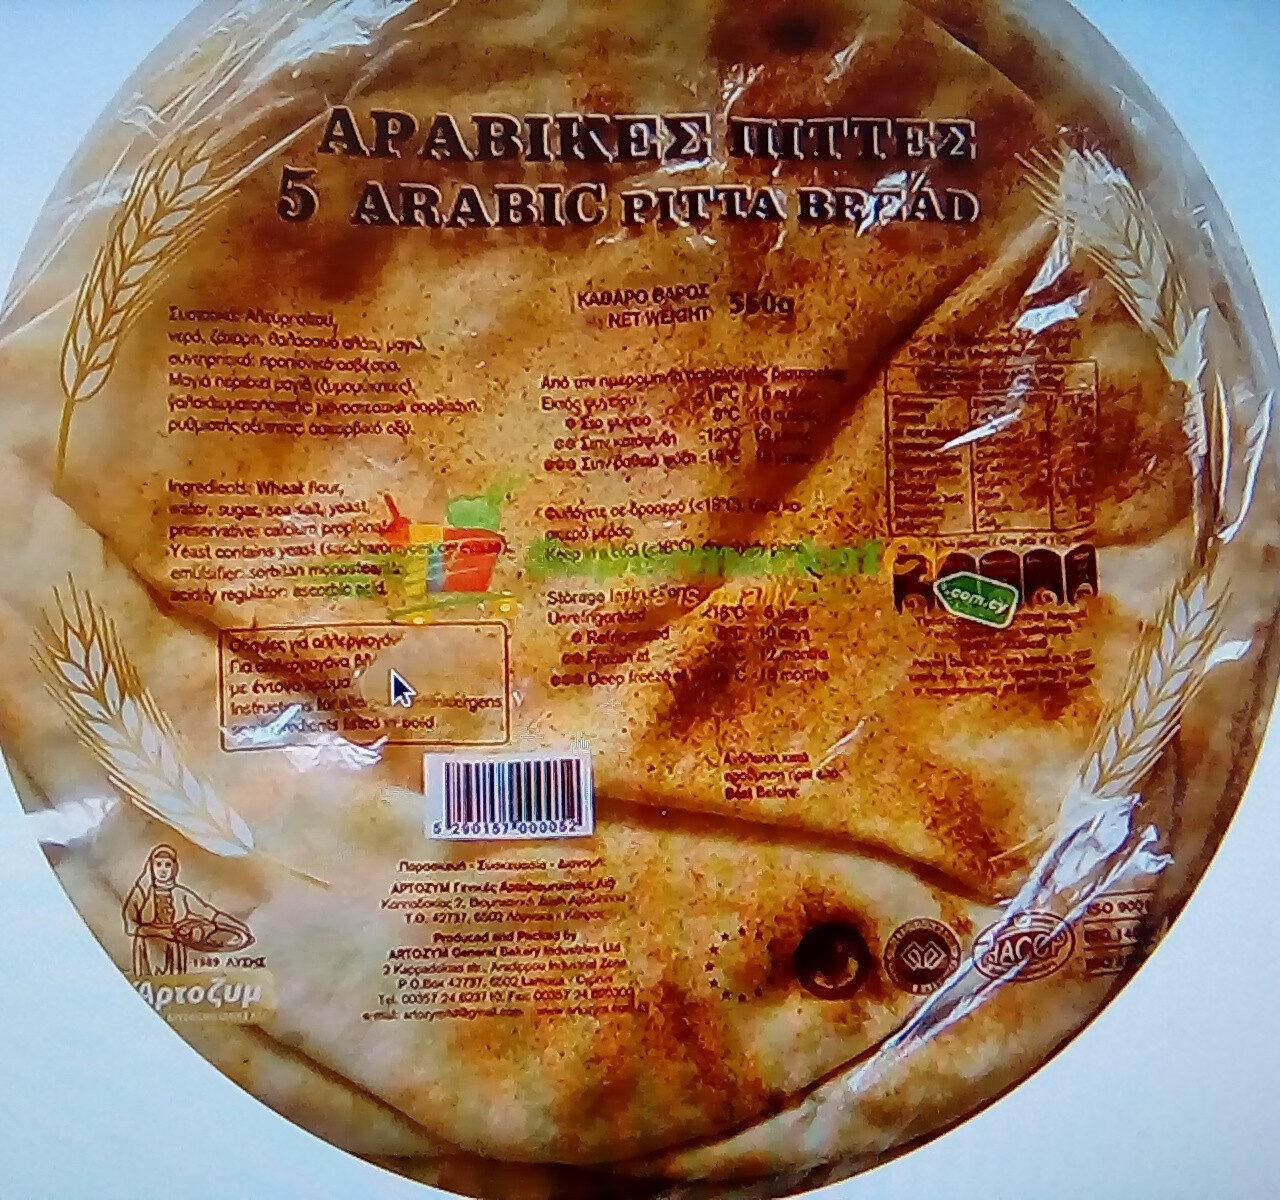 5 Arabic pitta bread - Product - en